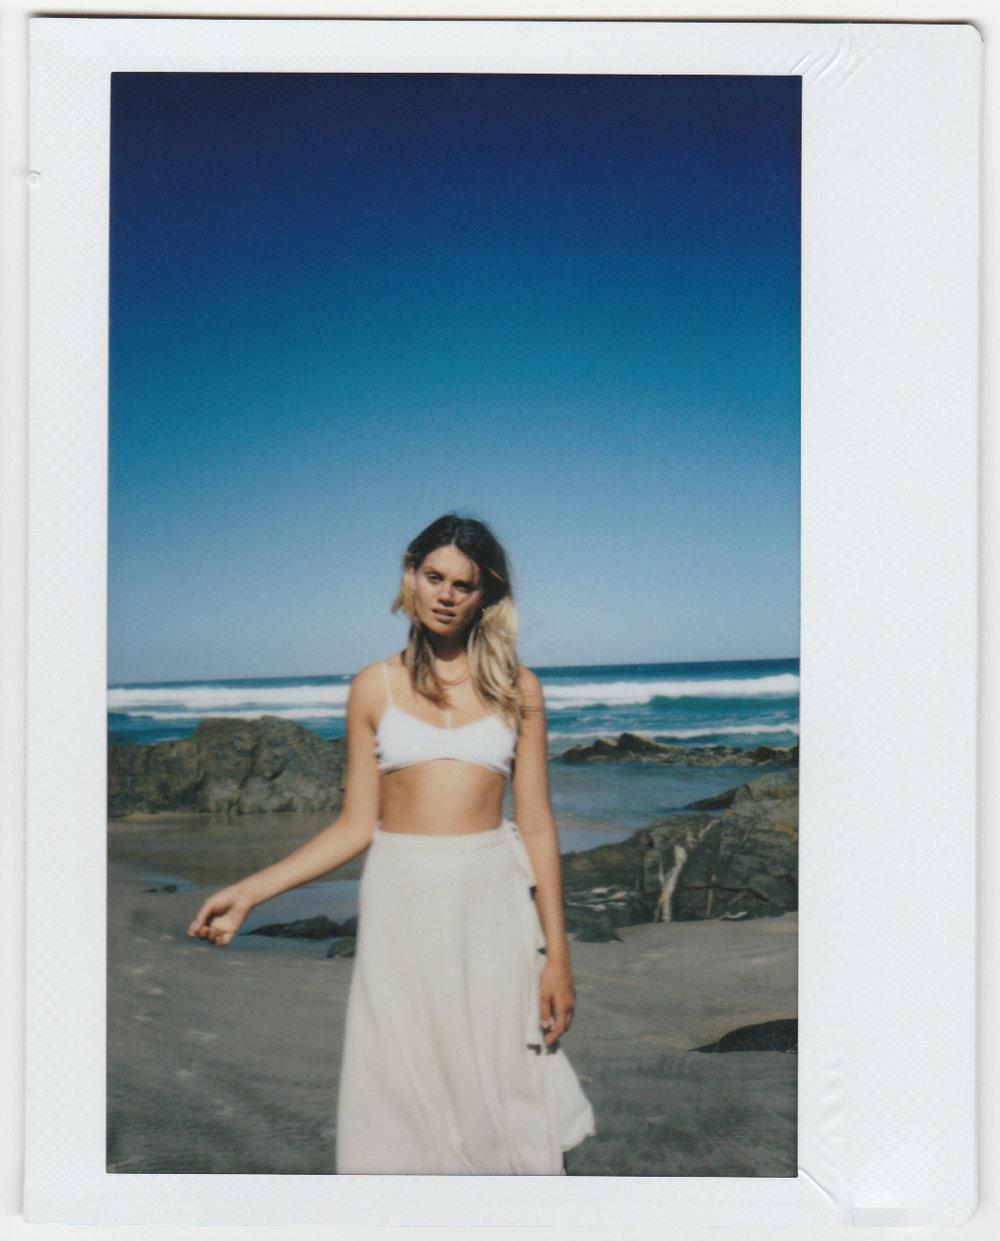 Leanne polaroid 8.jpeg